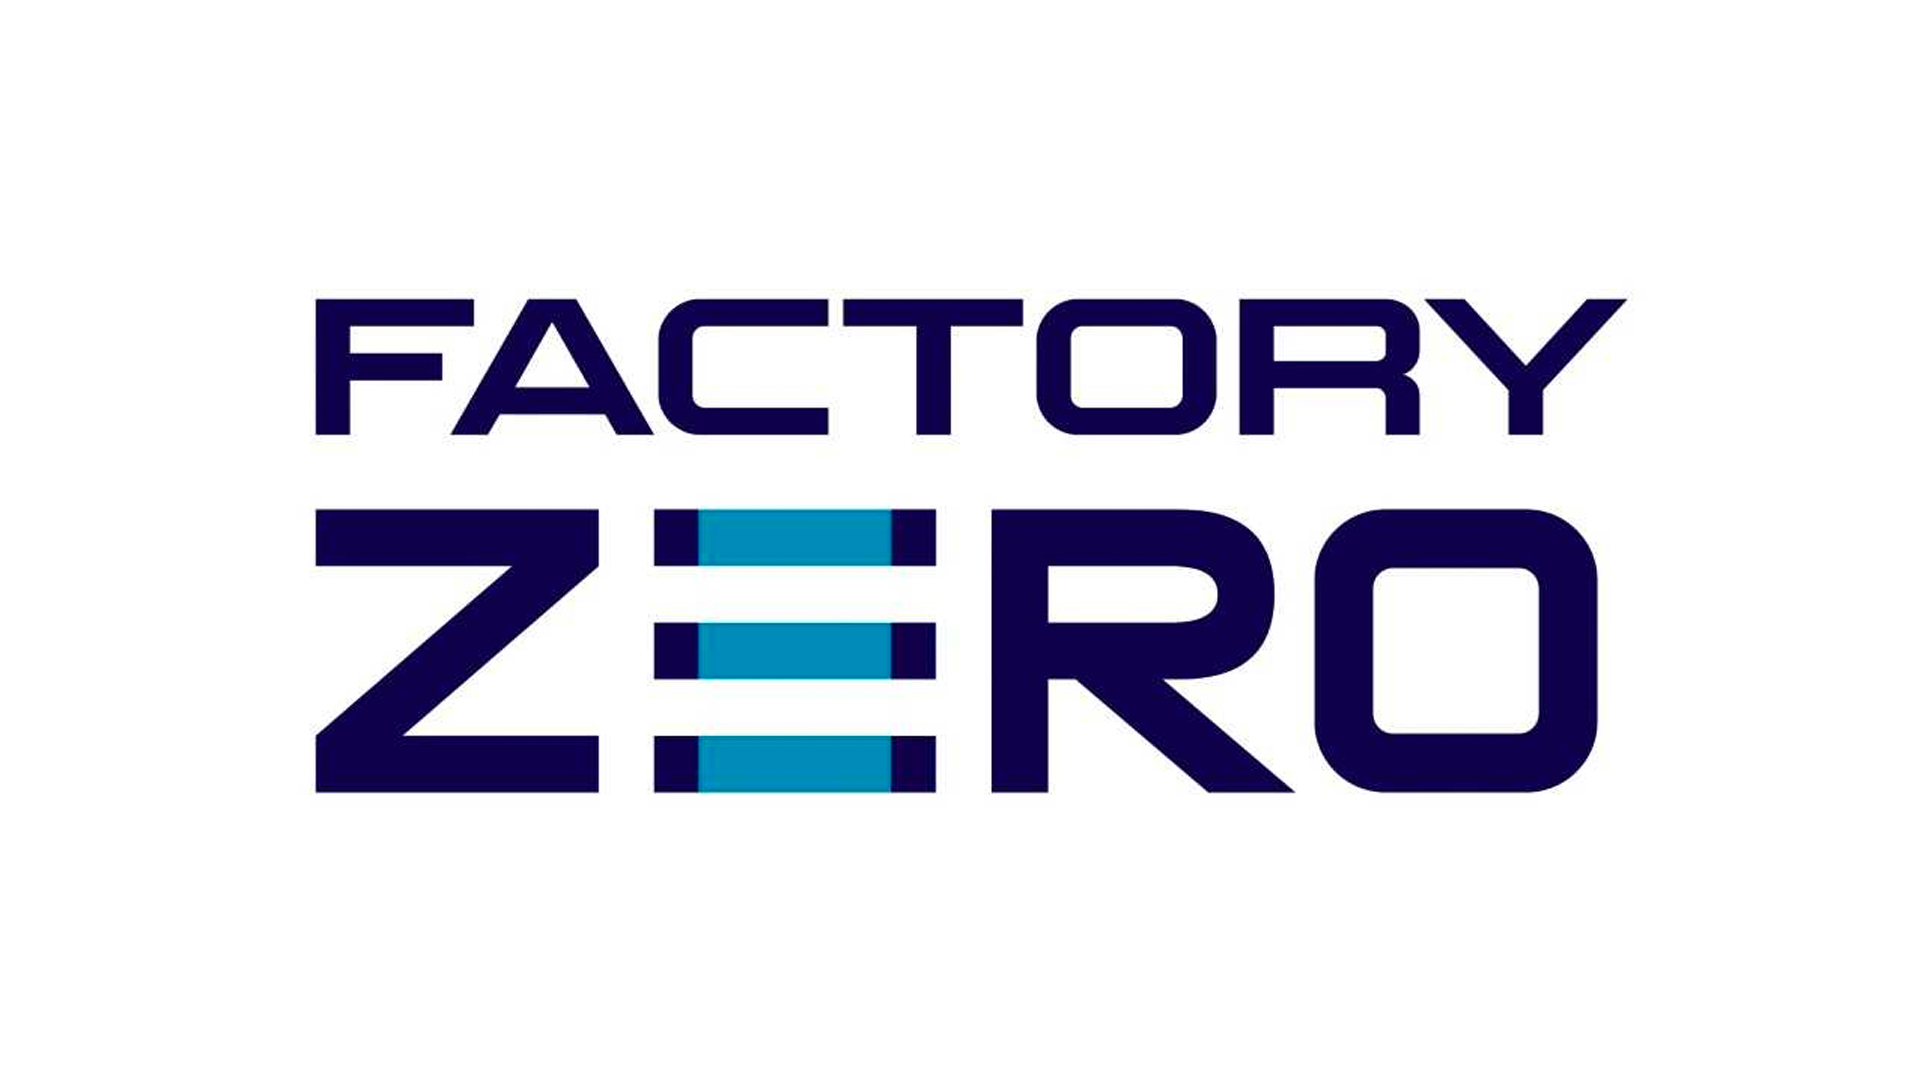 factory zero plant new logo